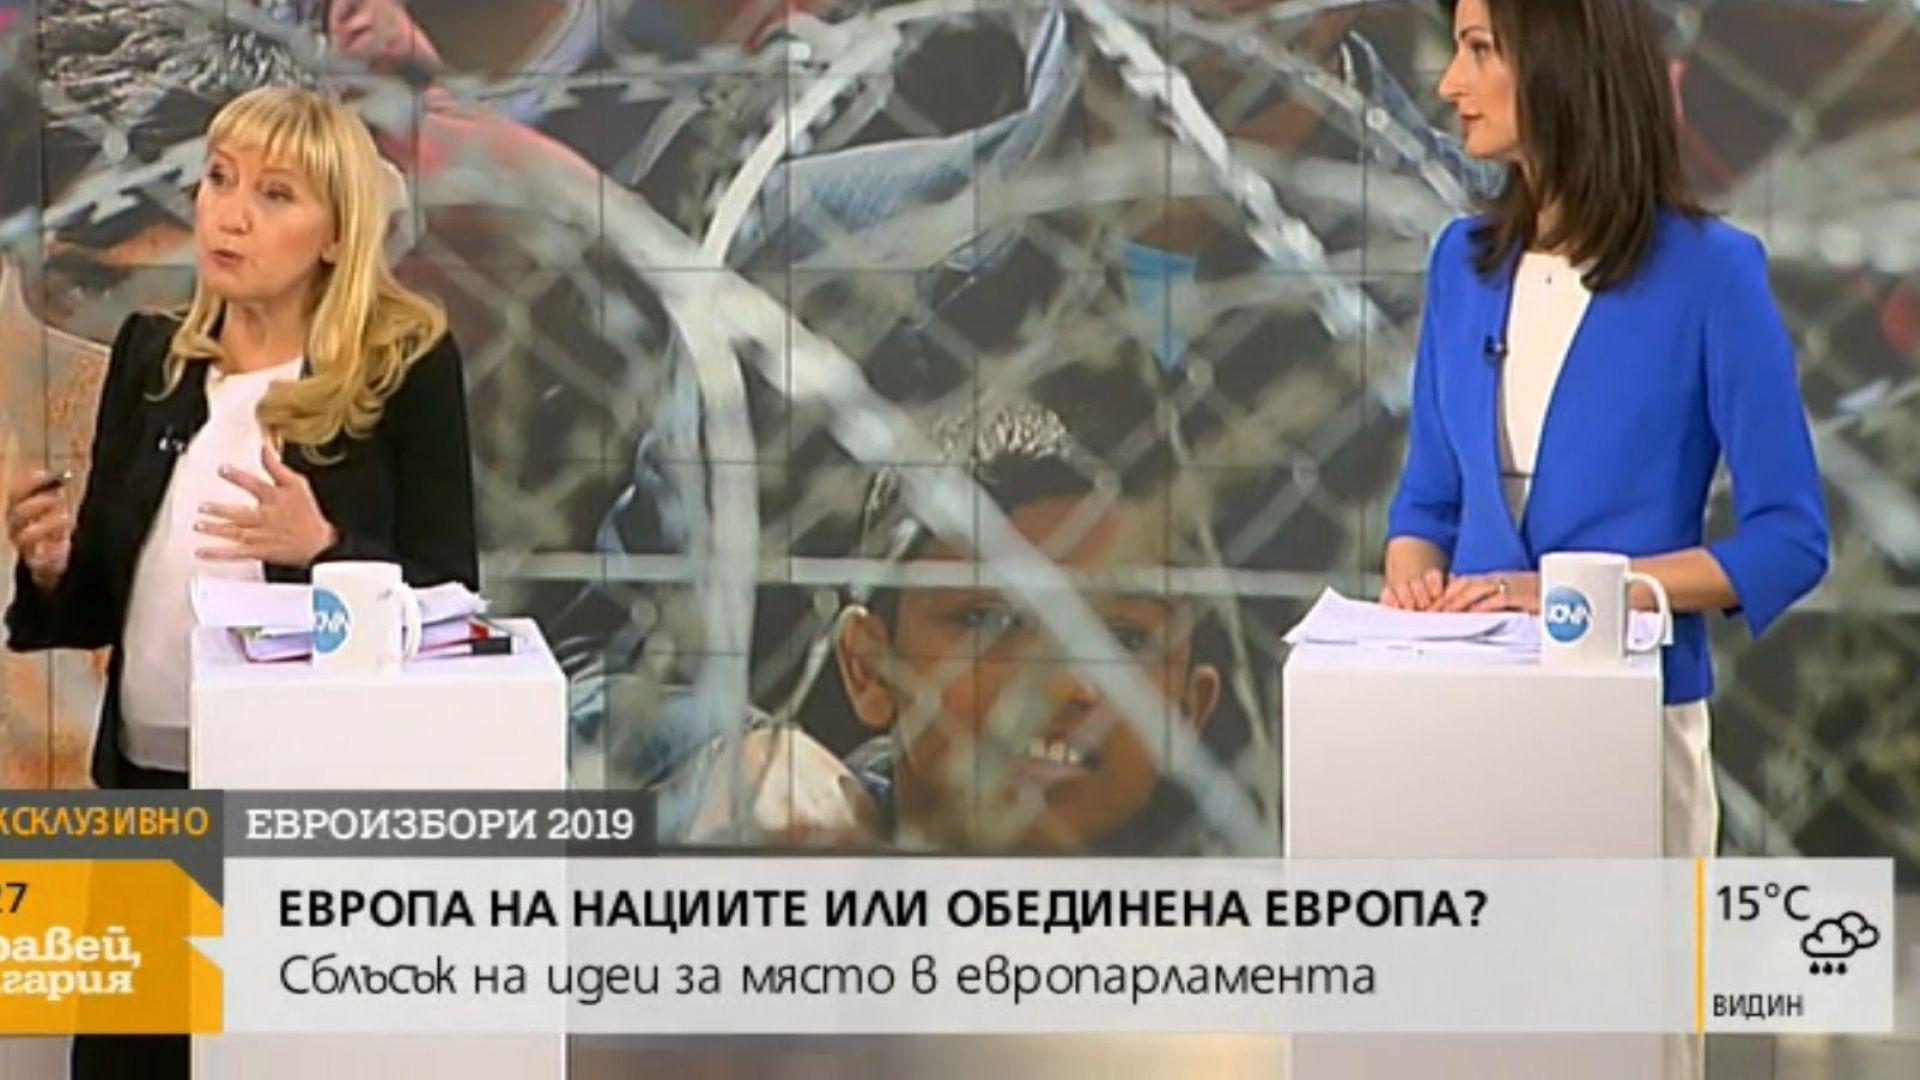 Елена Йончева и Мария Габриел се изправиха една срещу друга в тв дебат (видео)